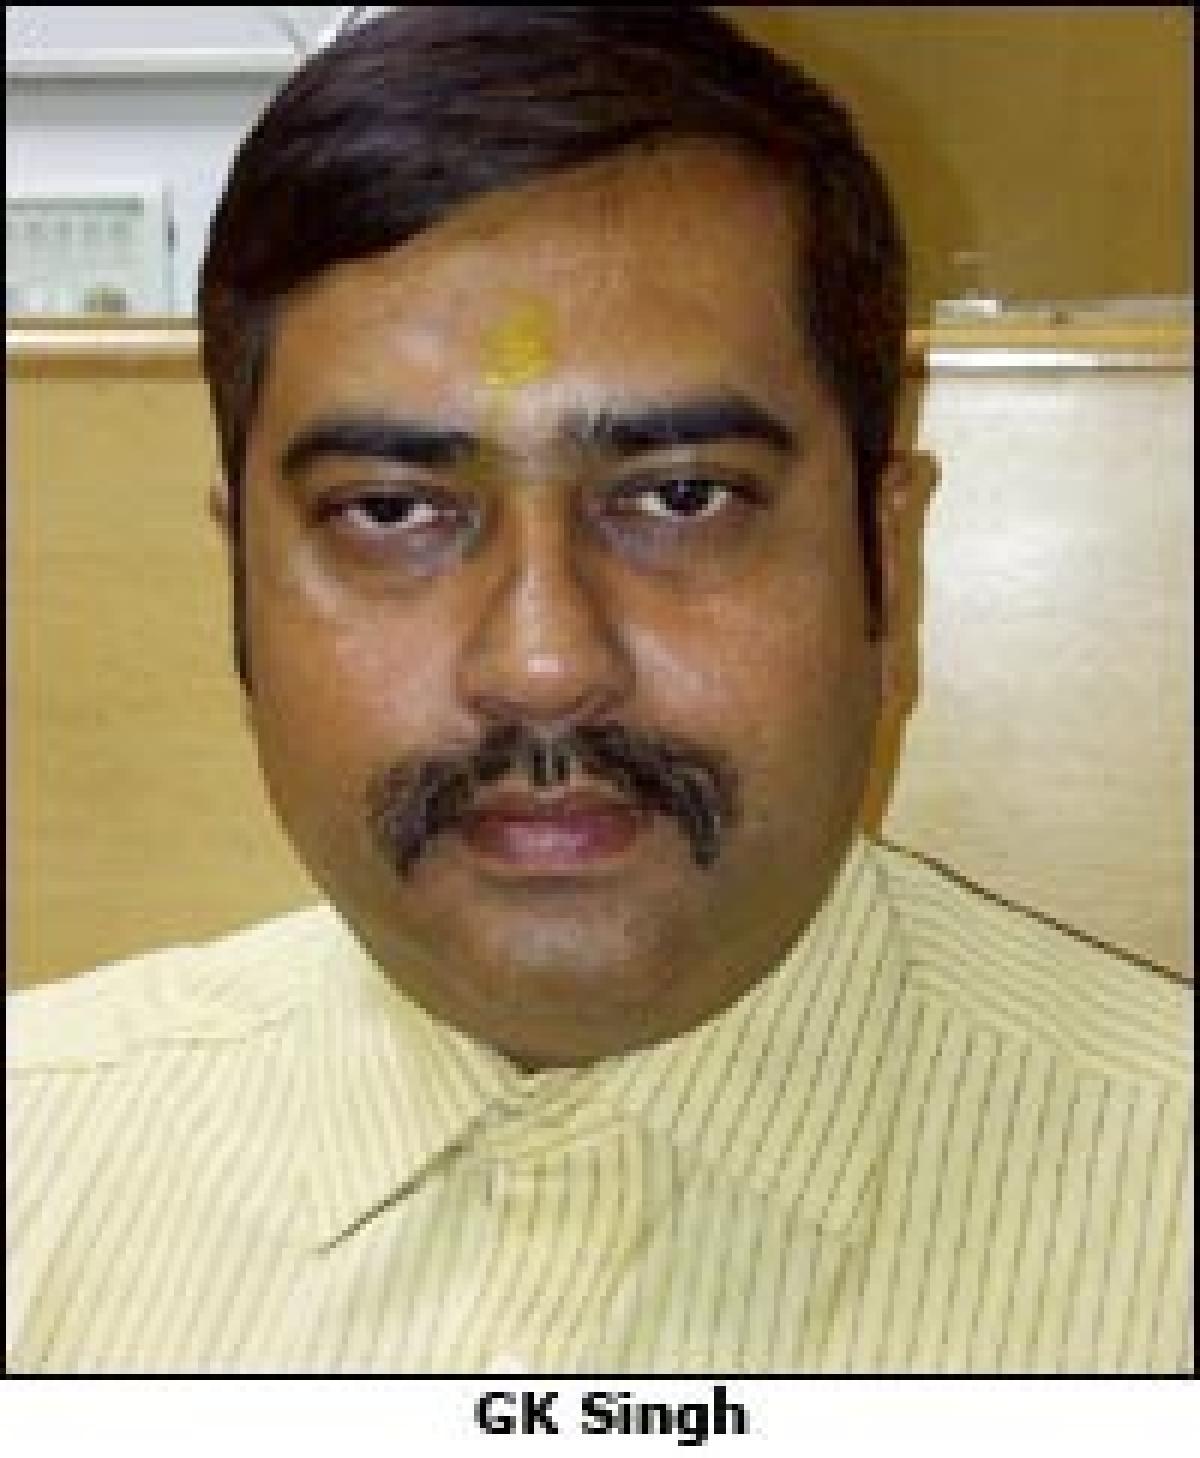 G K Singh bids adieu to Sakal Media